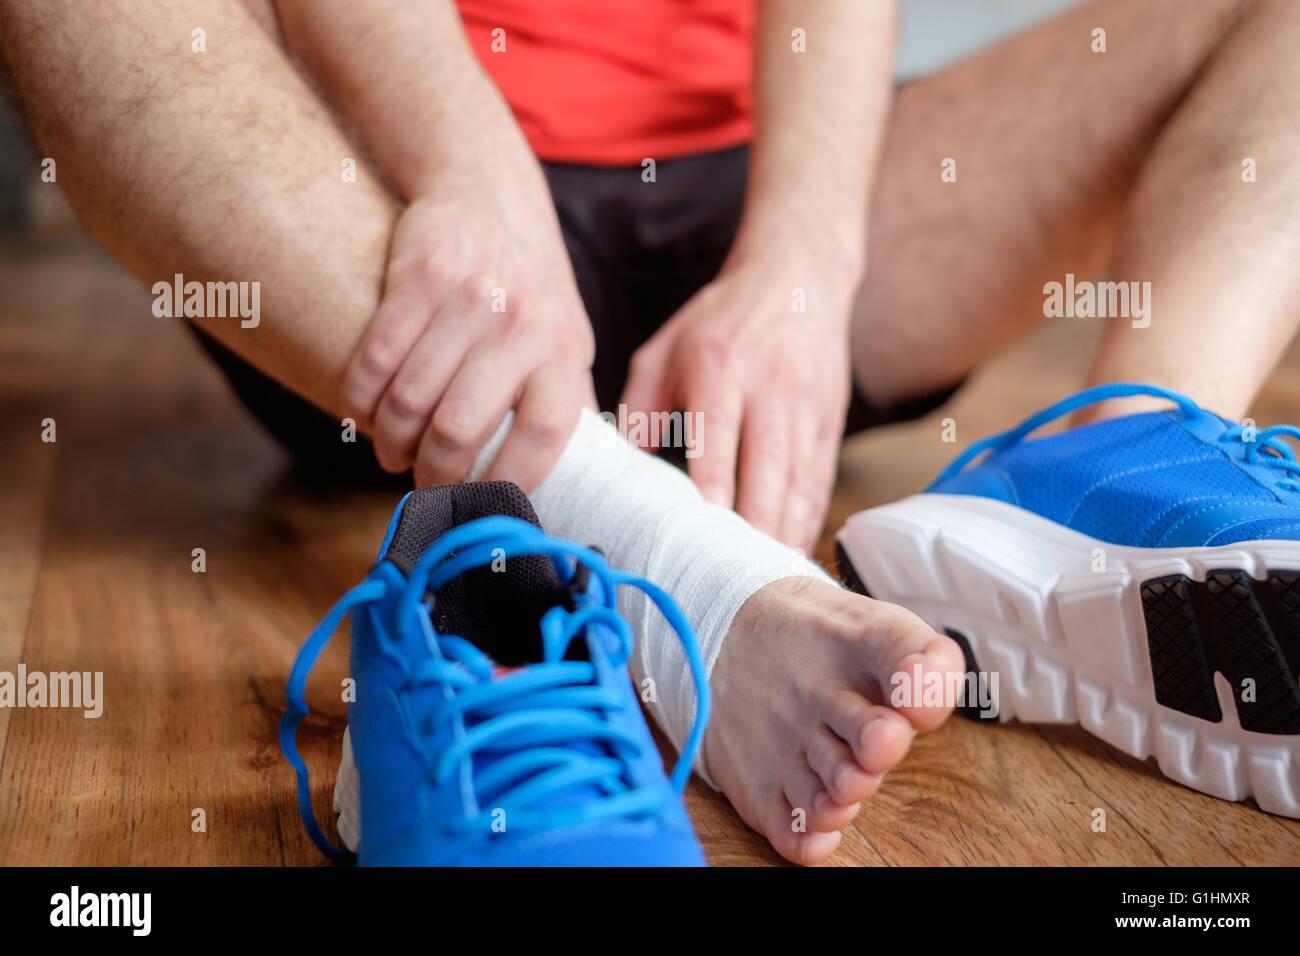 Deportista masajear su tobillo lesionado tras un accidente deportivo Foto de stock